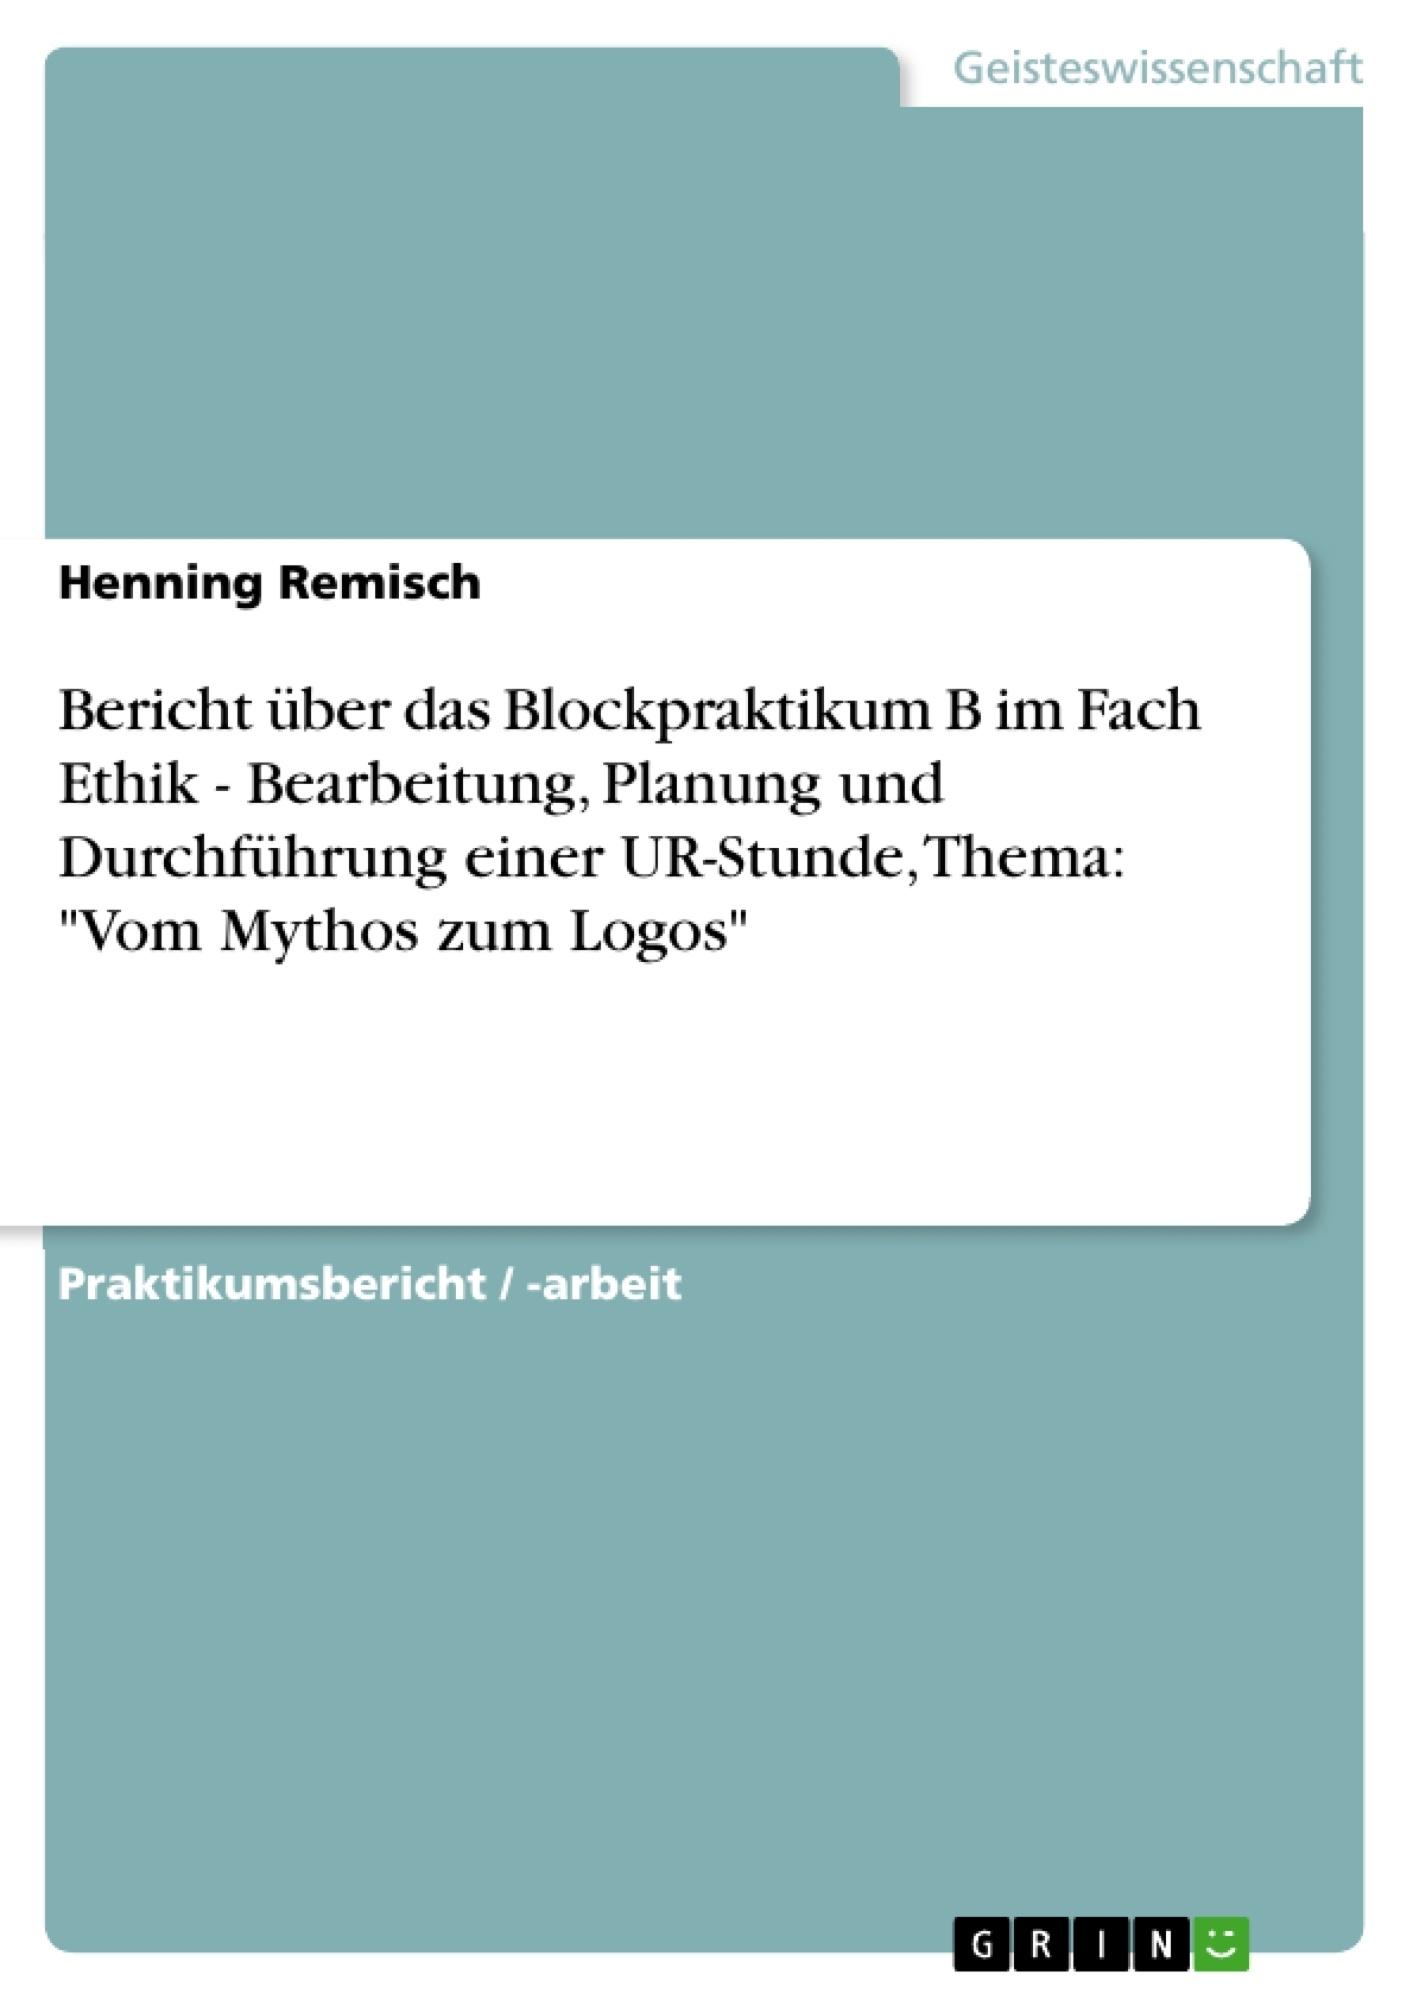 """Titel: Bericht über das Blockpraktikum B im Fach Ethik - Bearbeitung, Planung und Durchführung einer UR-Stunde, Thema: """"Vom Mythos zum Logos"""""""